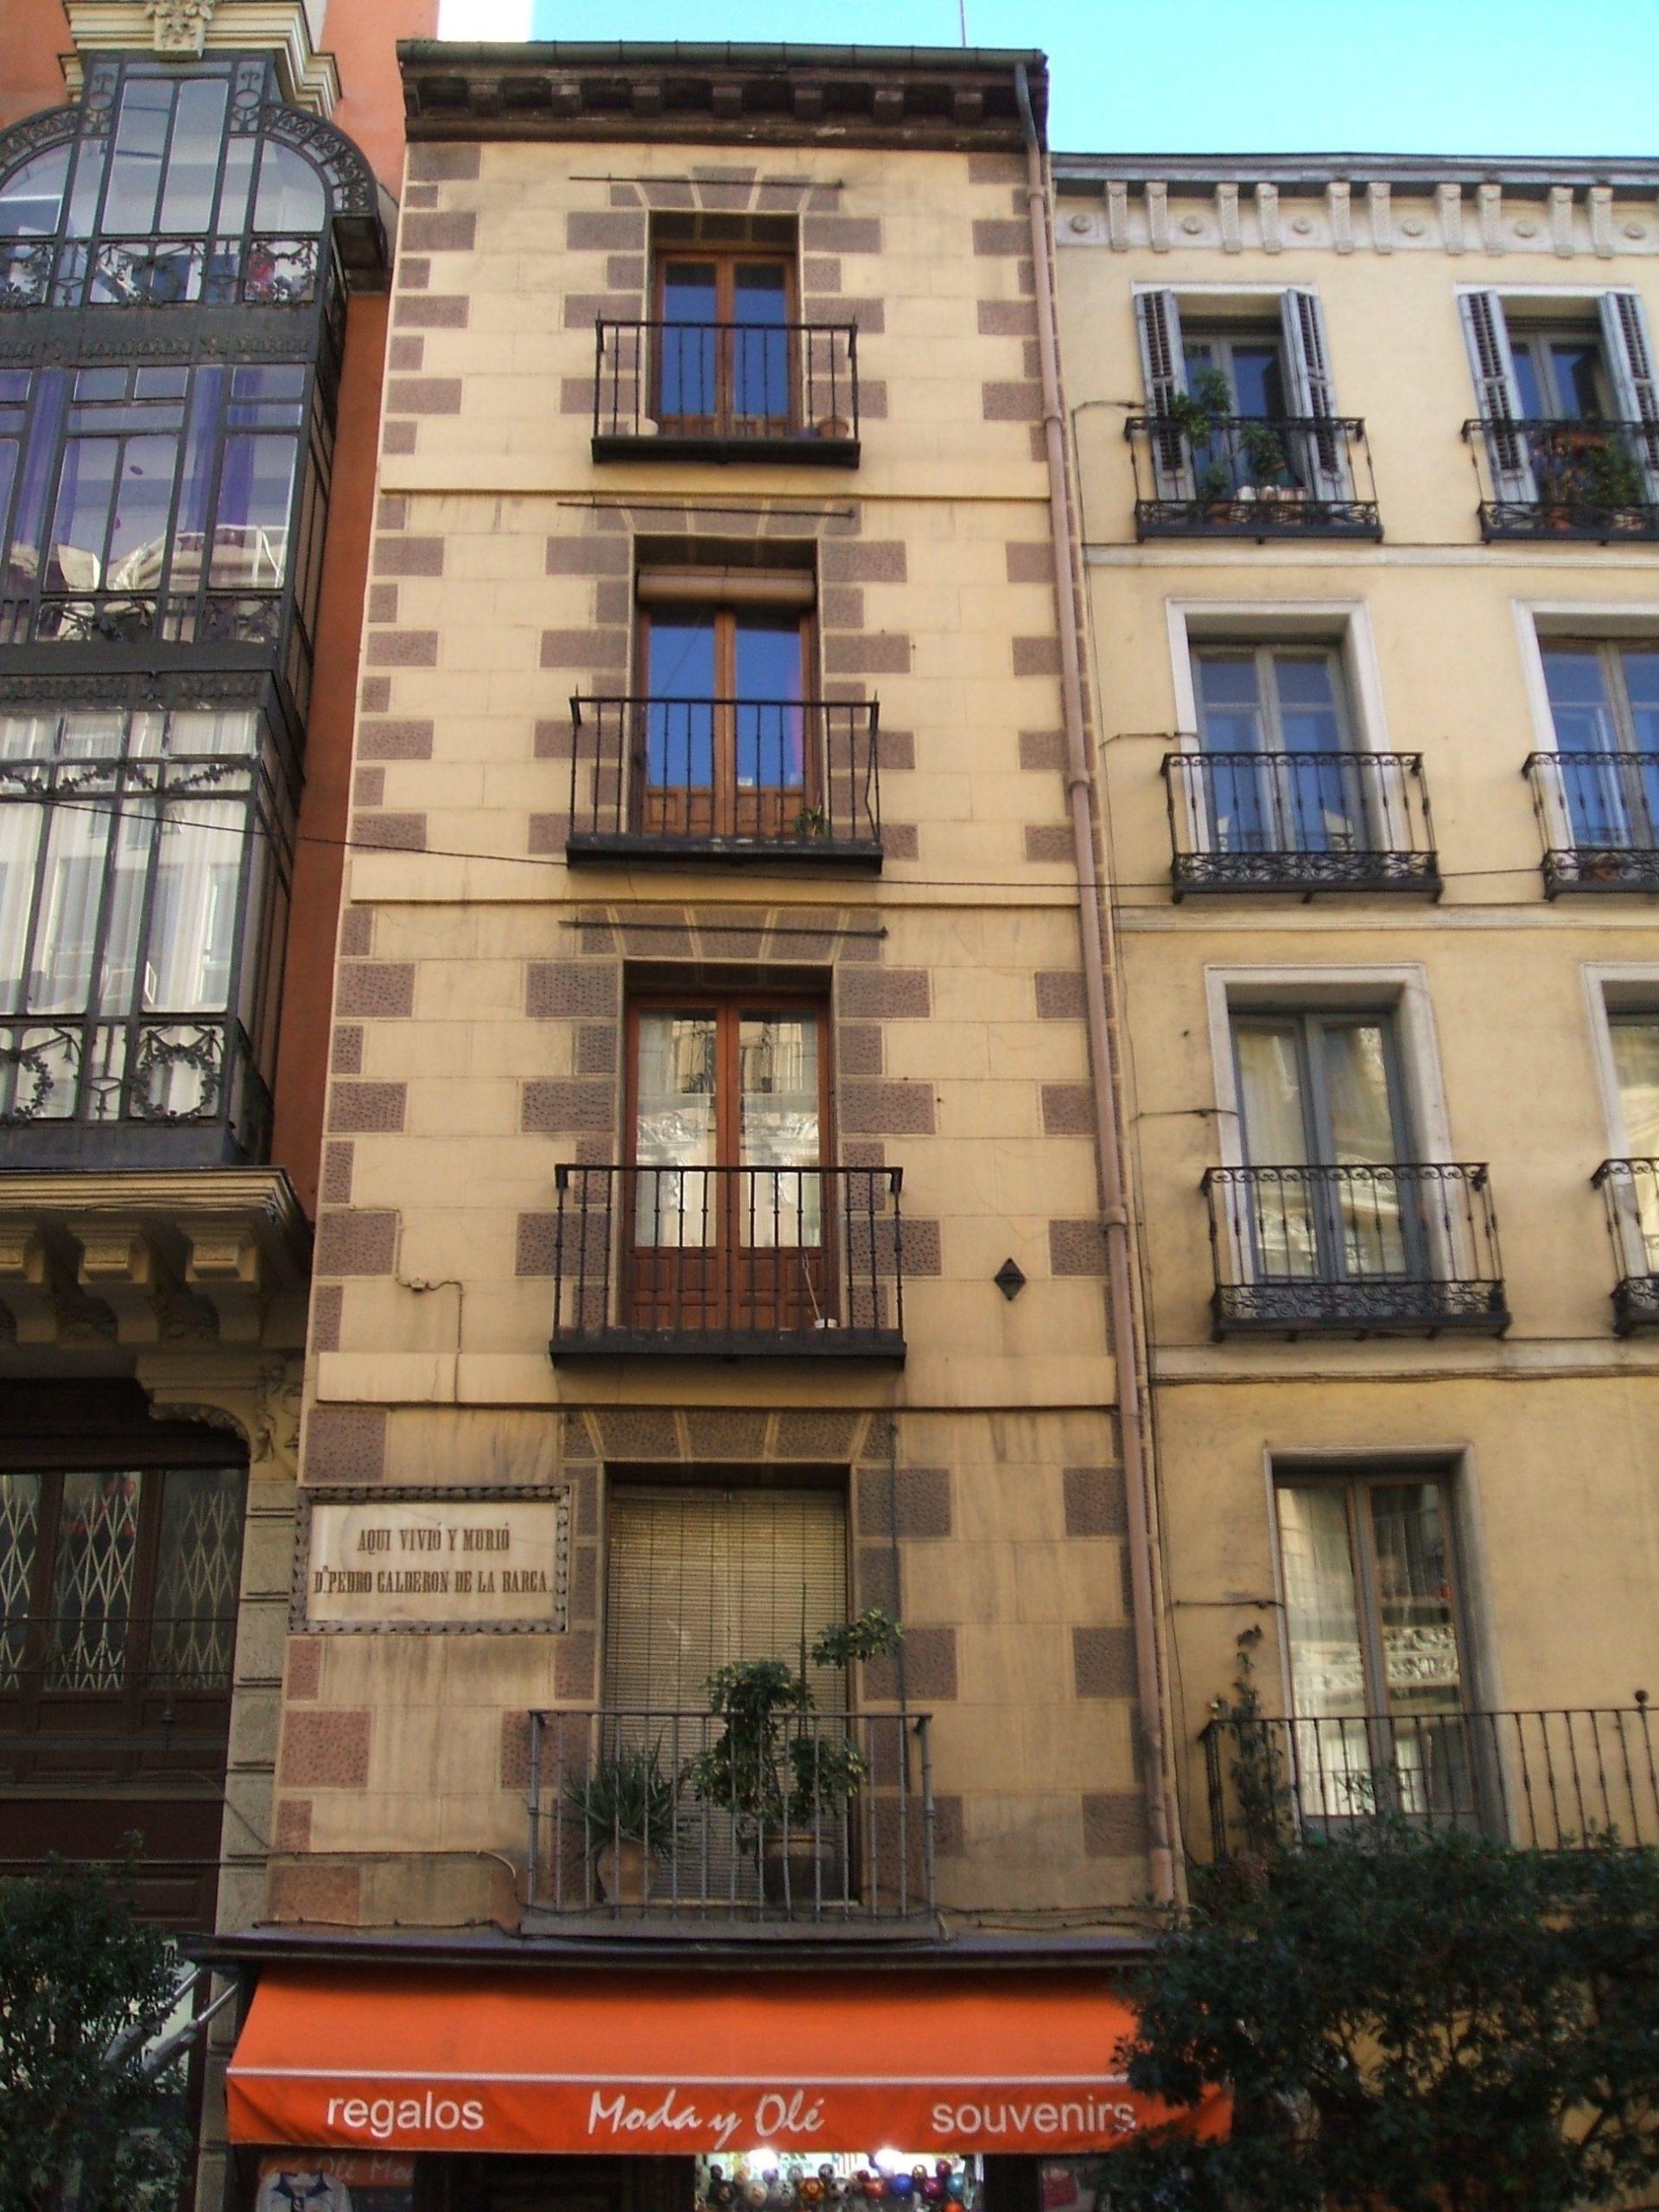 Casa Calderon de la Barca Fachada, Madrid